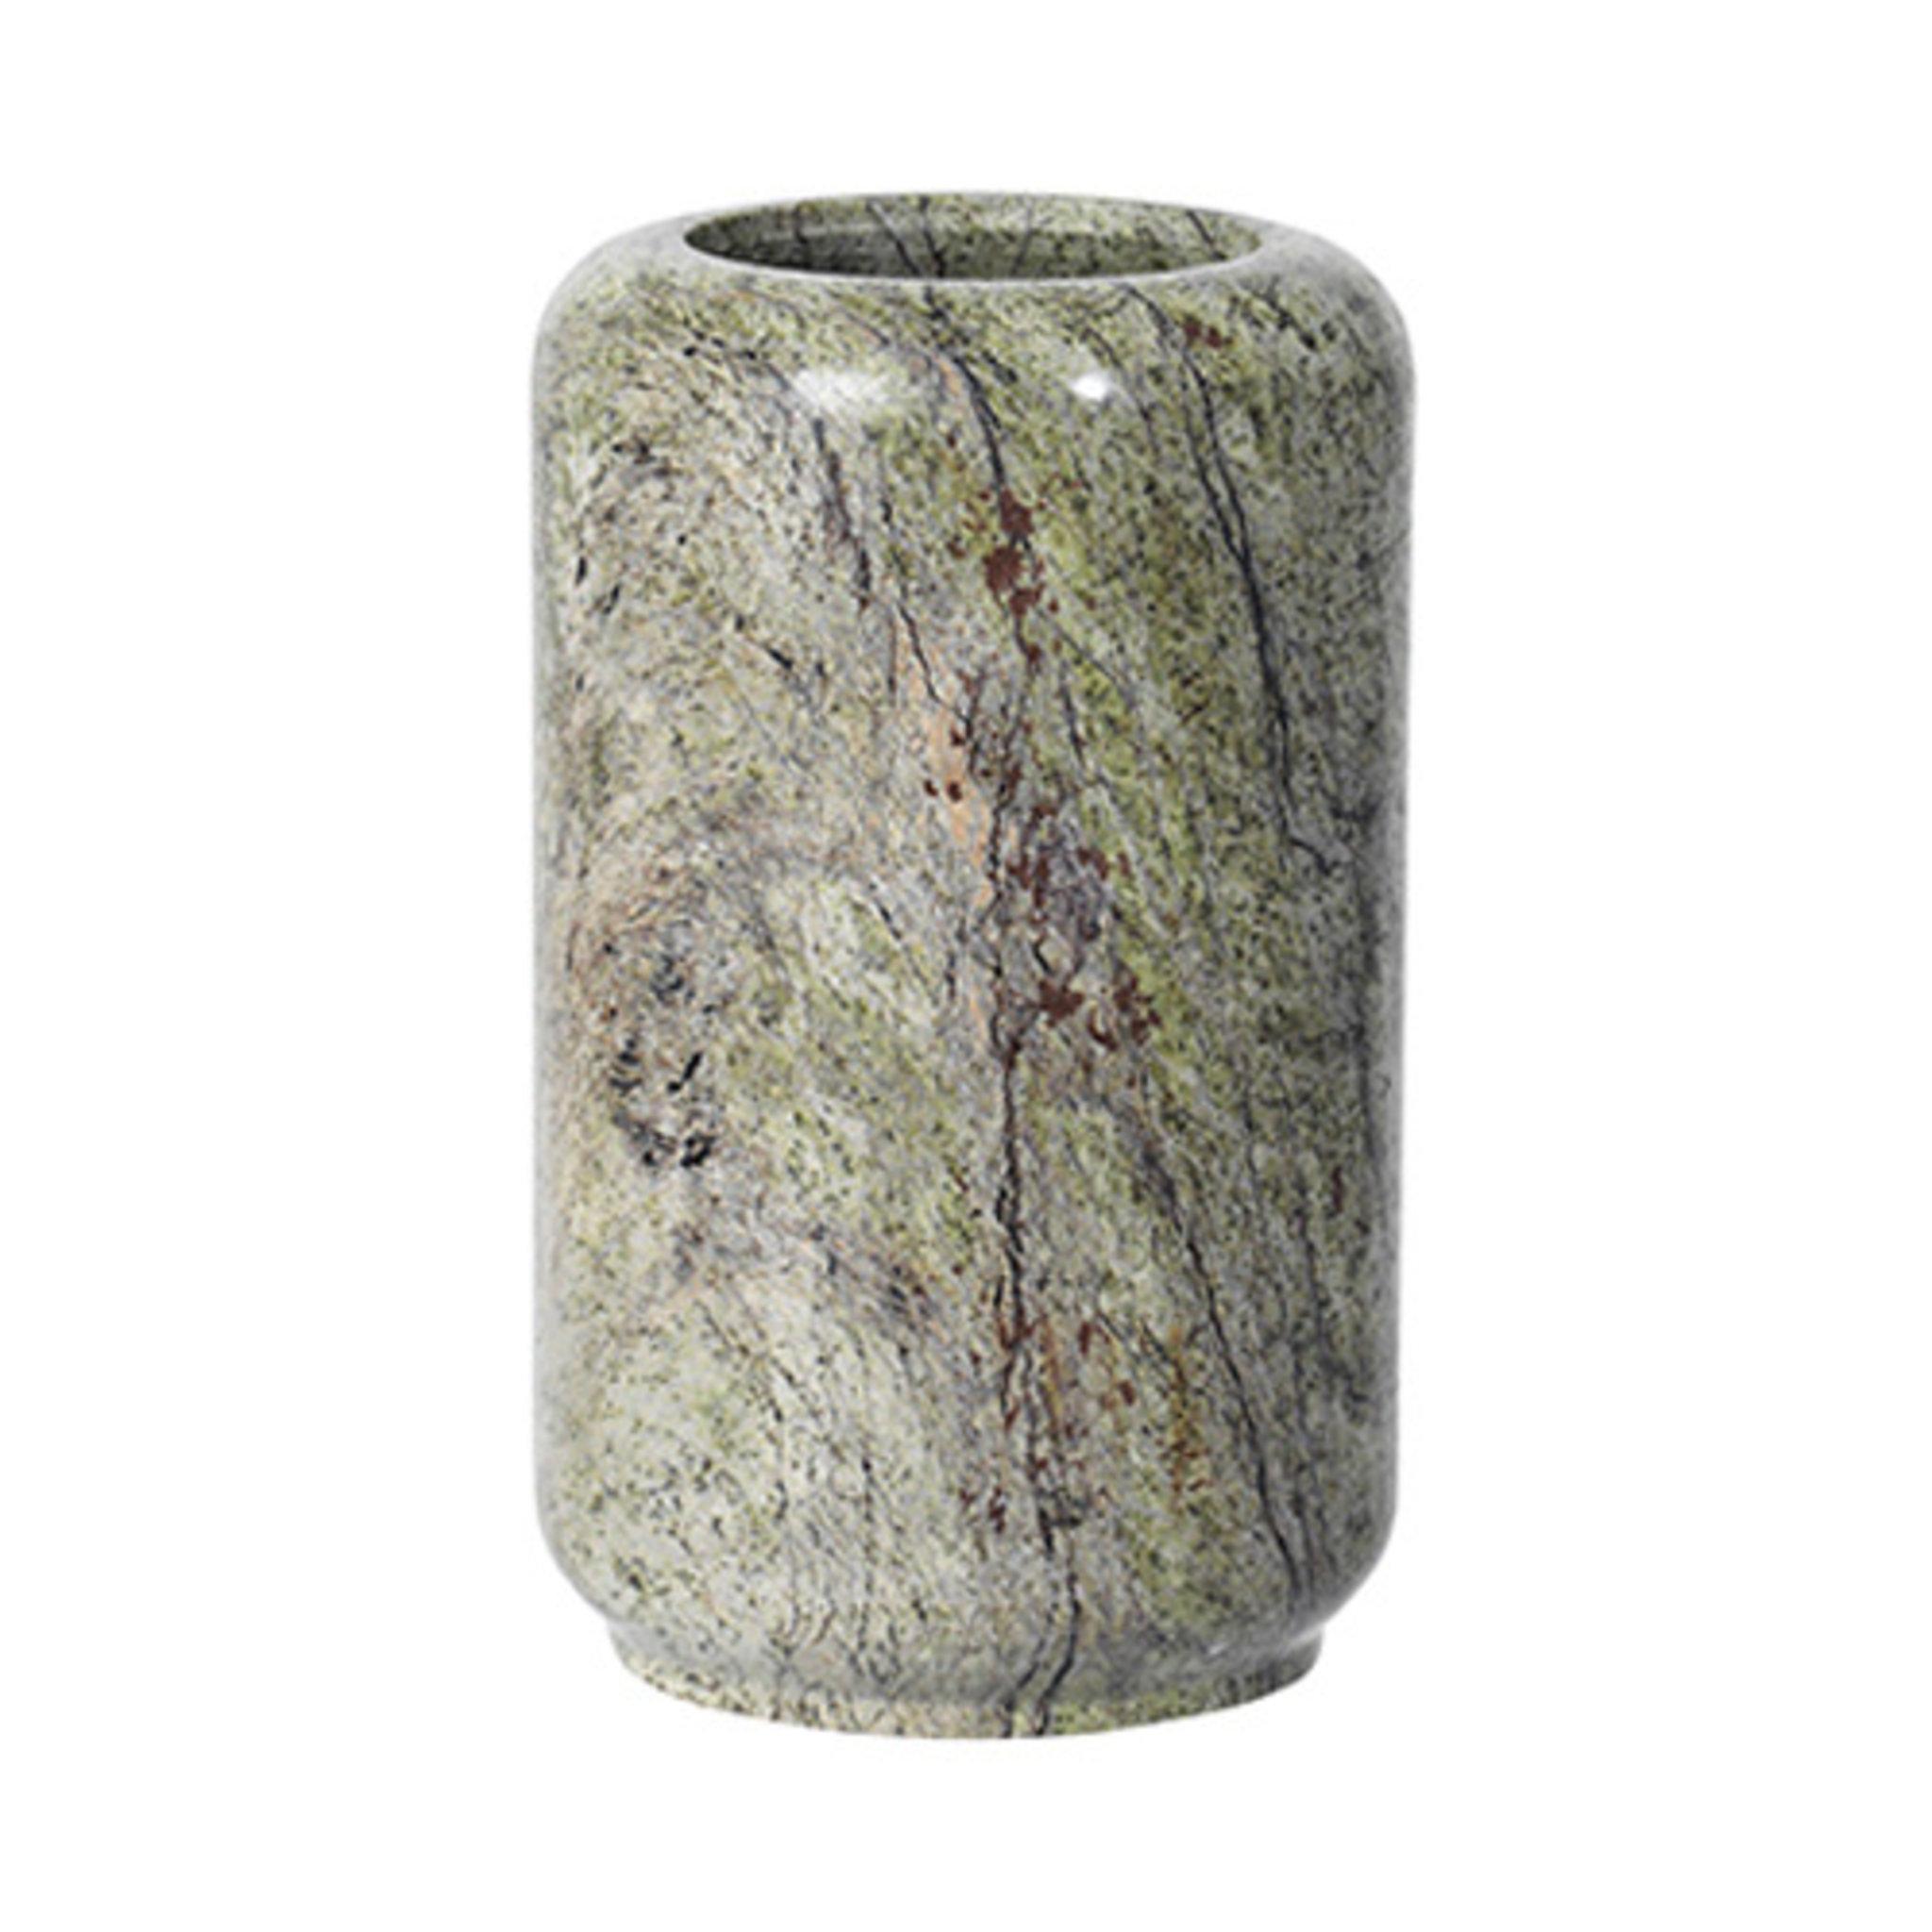 Krukor & vaser   dekoration   köp online på åhlens.se!